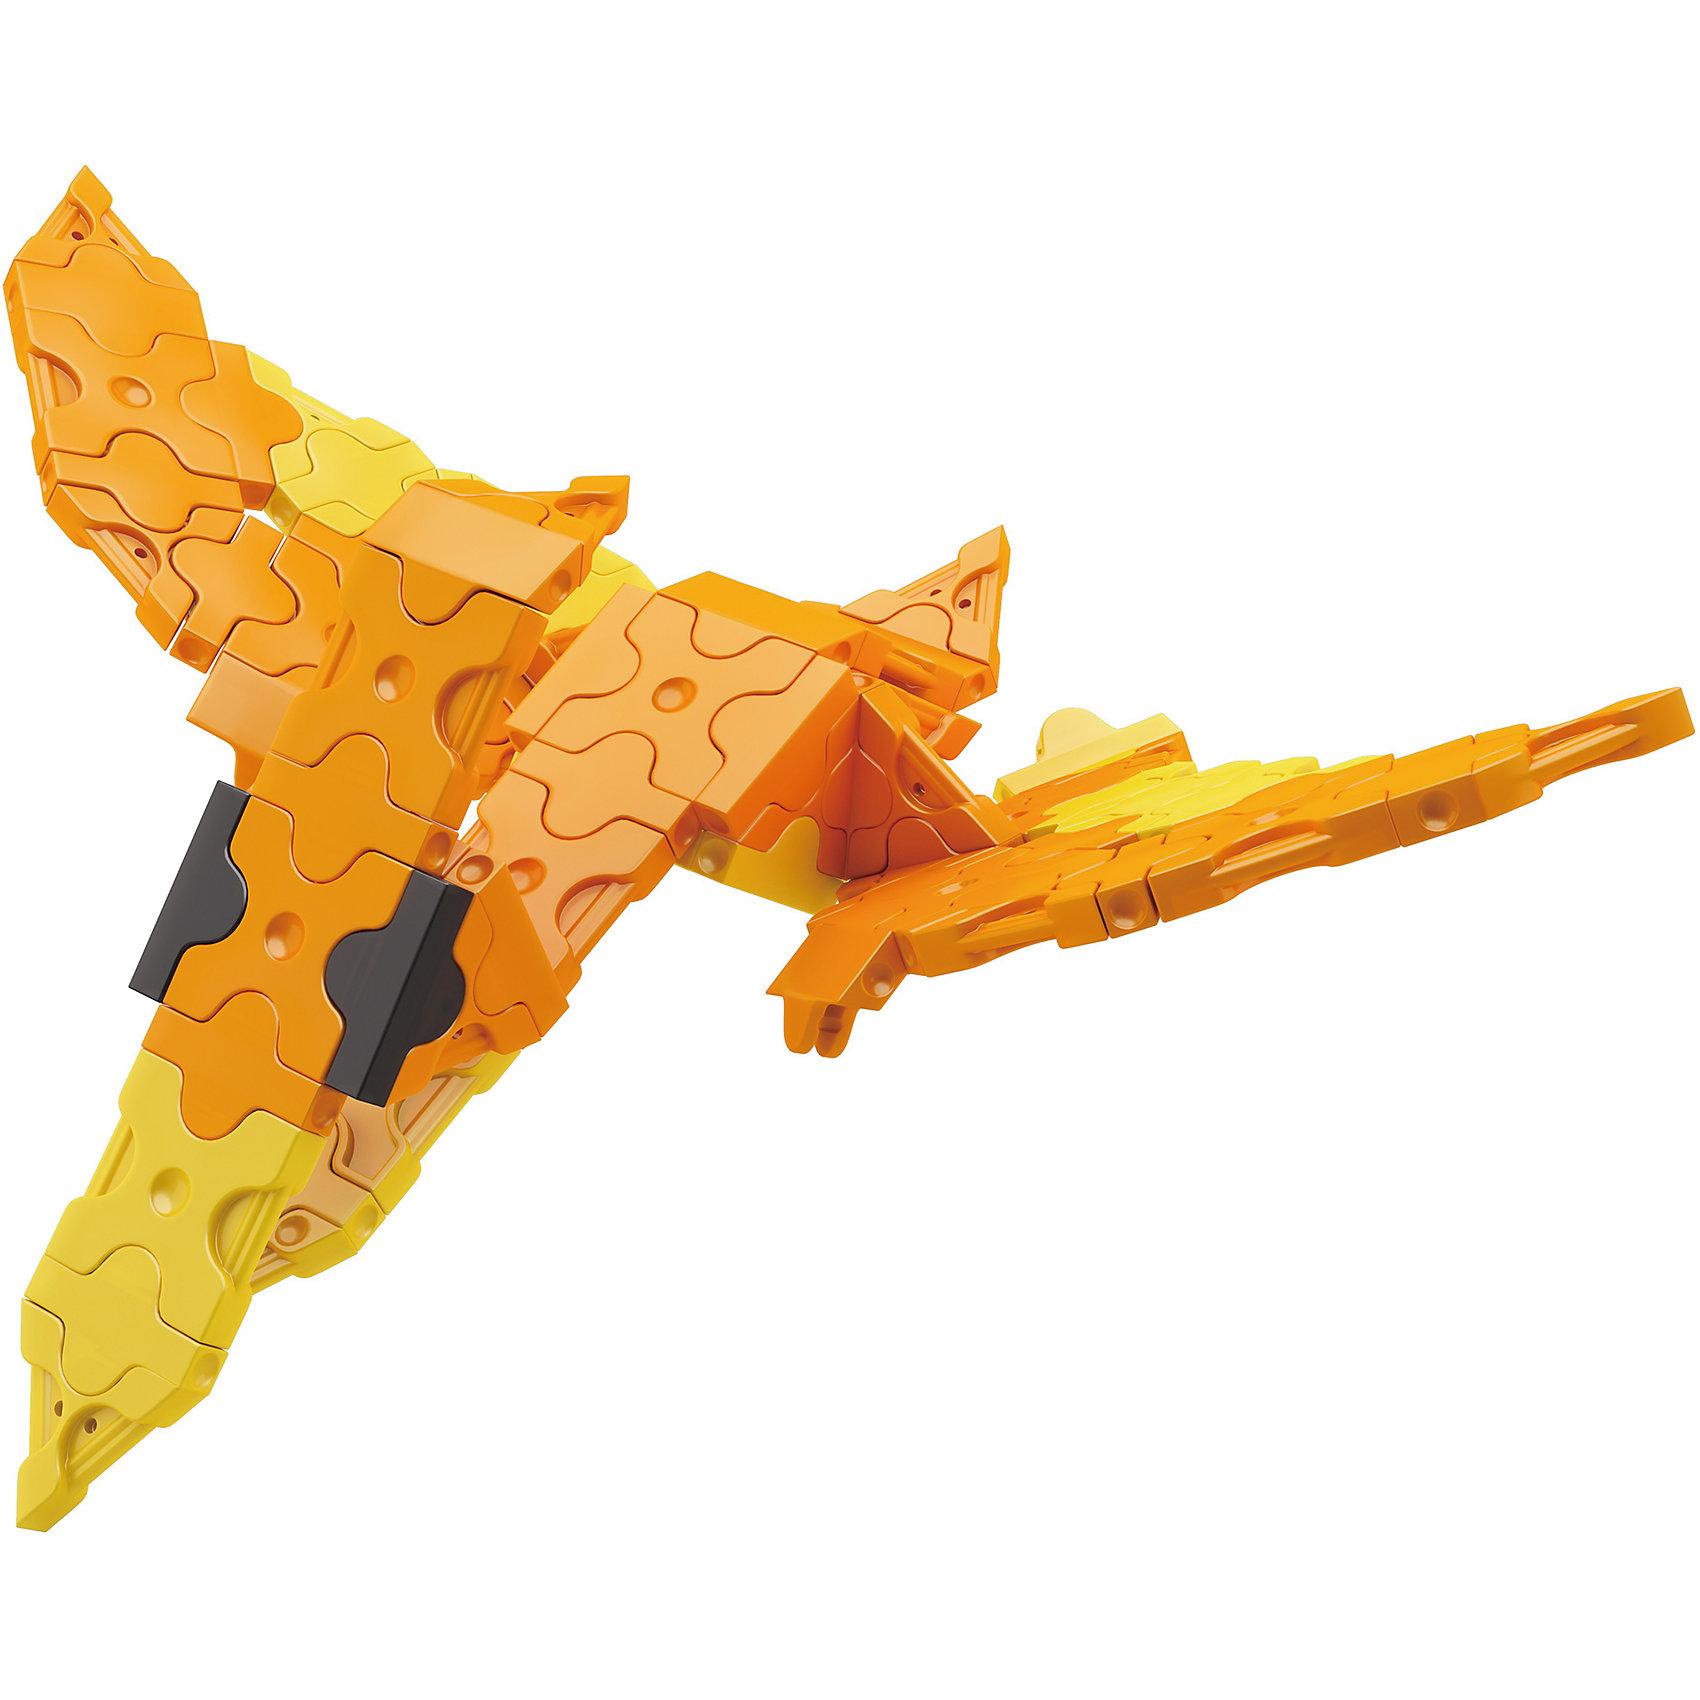 Конструктор Mini Pteranodon, 88 деталей, LaQ